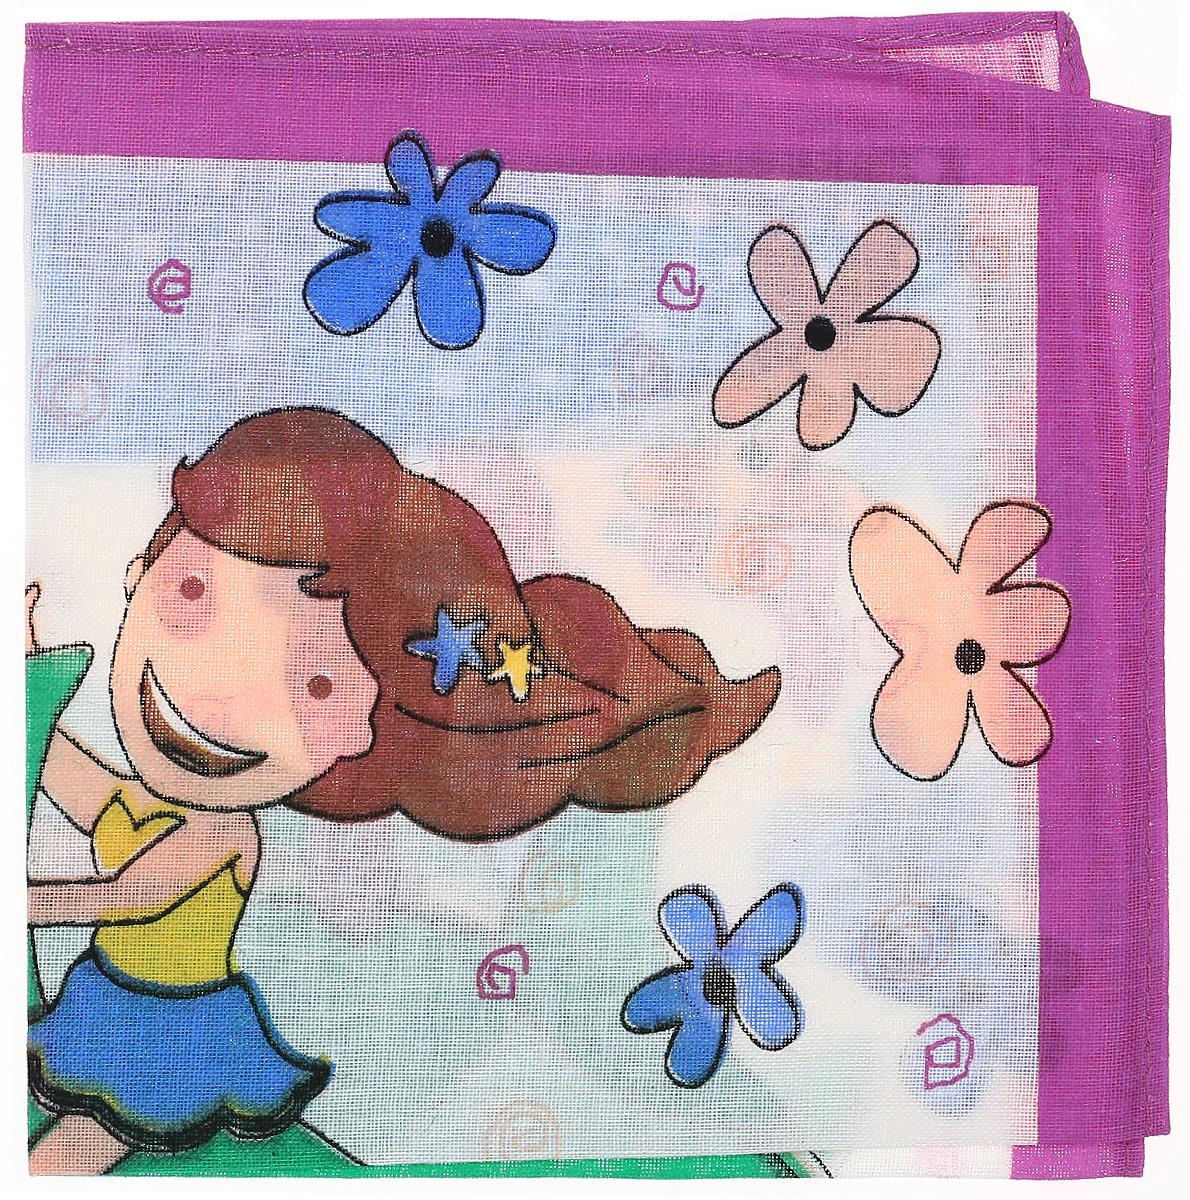 Платок носовой детский Zlata Korunka, цвет: мультиколор, 45453. Размер 27 х 27 см39864|Серьги с подвескамиДетский носовой платочек Zlata Korunka изготовлен из натурального хлопка, приятен в использовании, хорошо стирается, материал не садится и отлично впитывает влагу. Оформлен платок интересным цветочным принтом с изображением девочки.